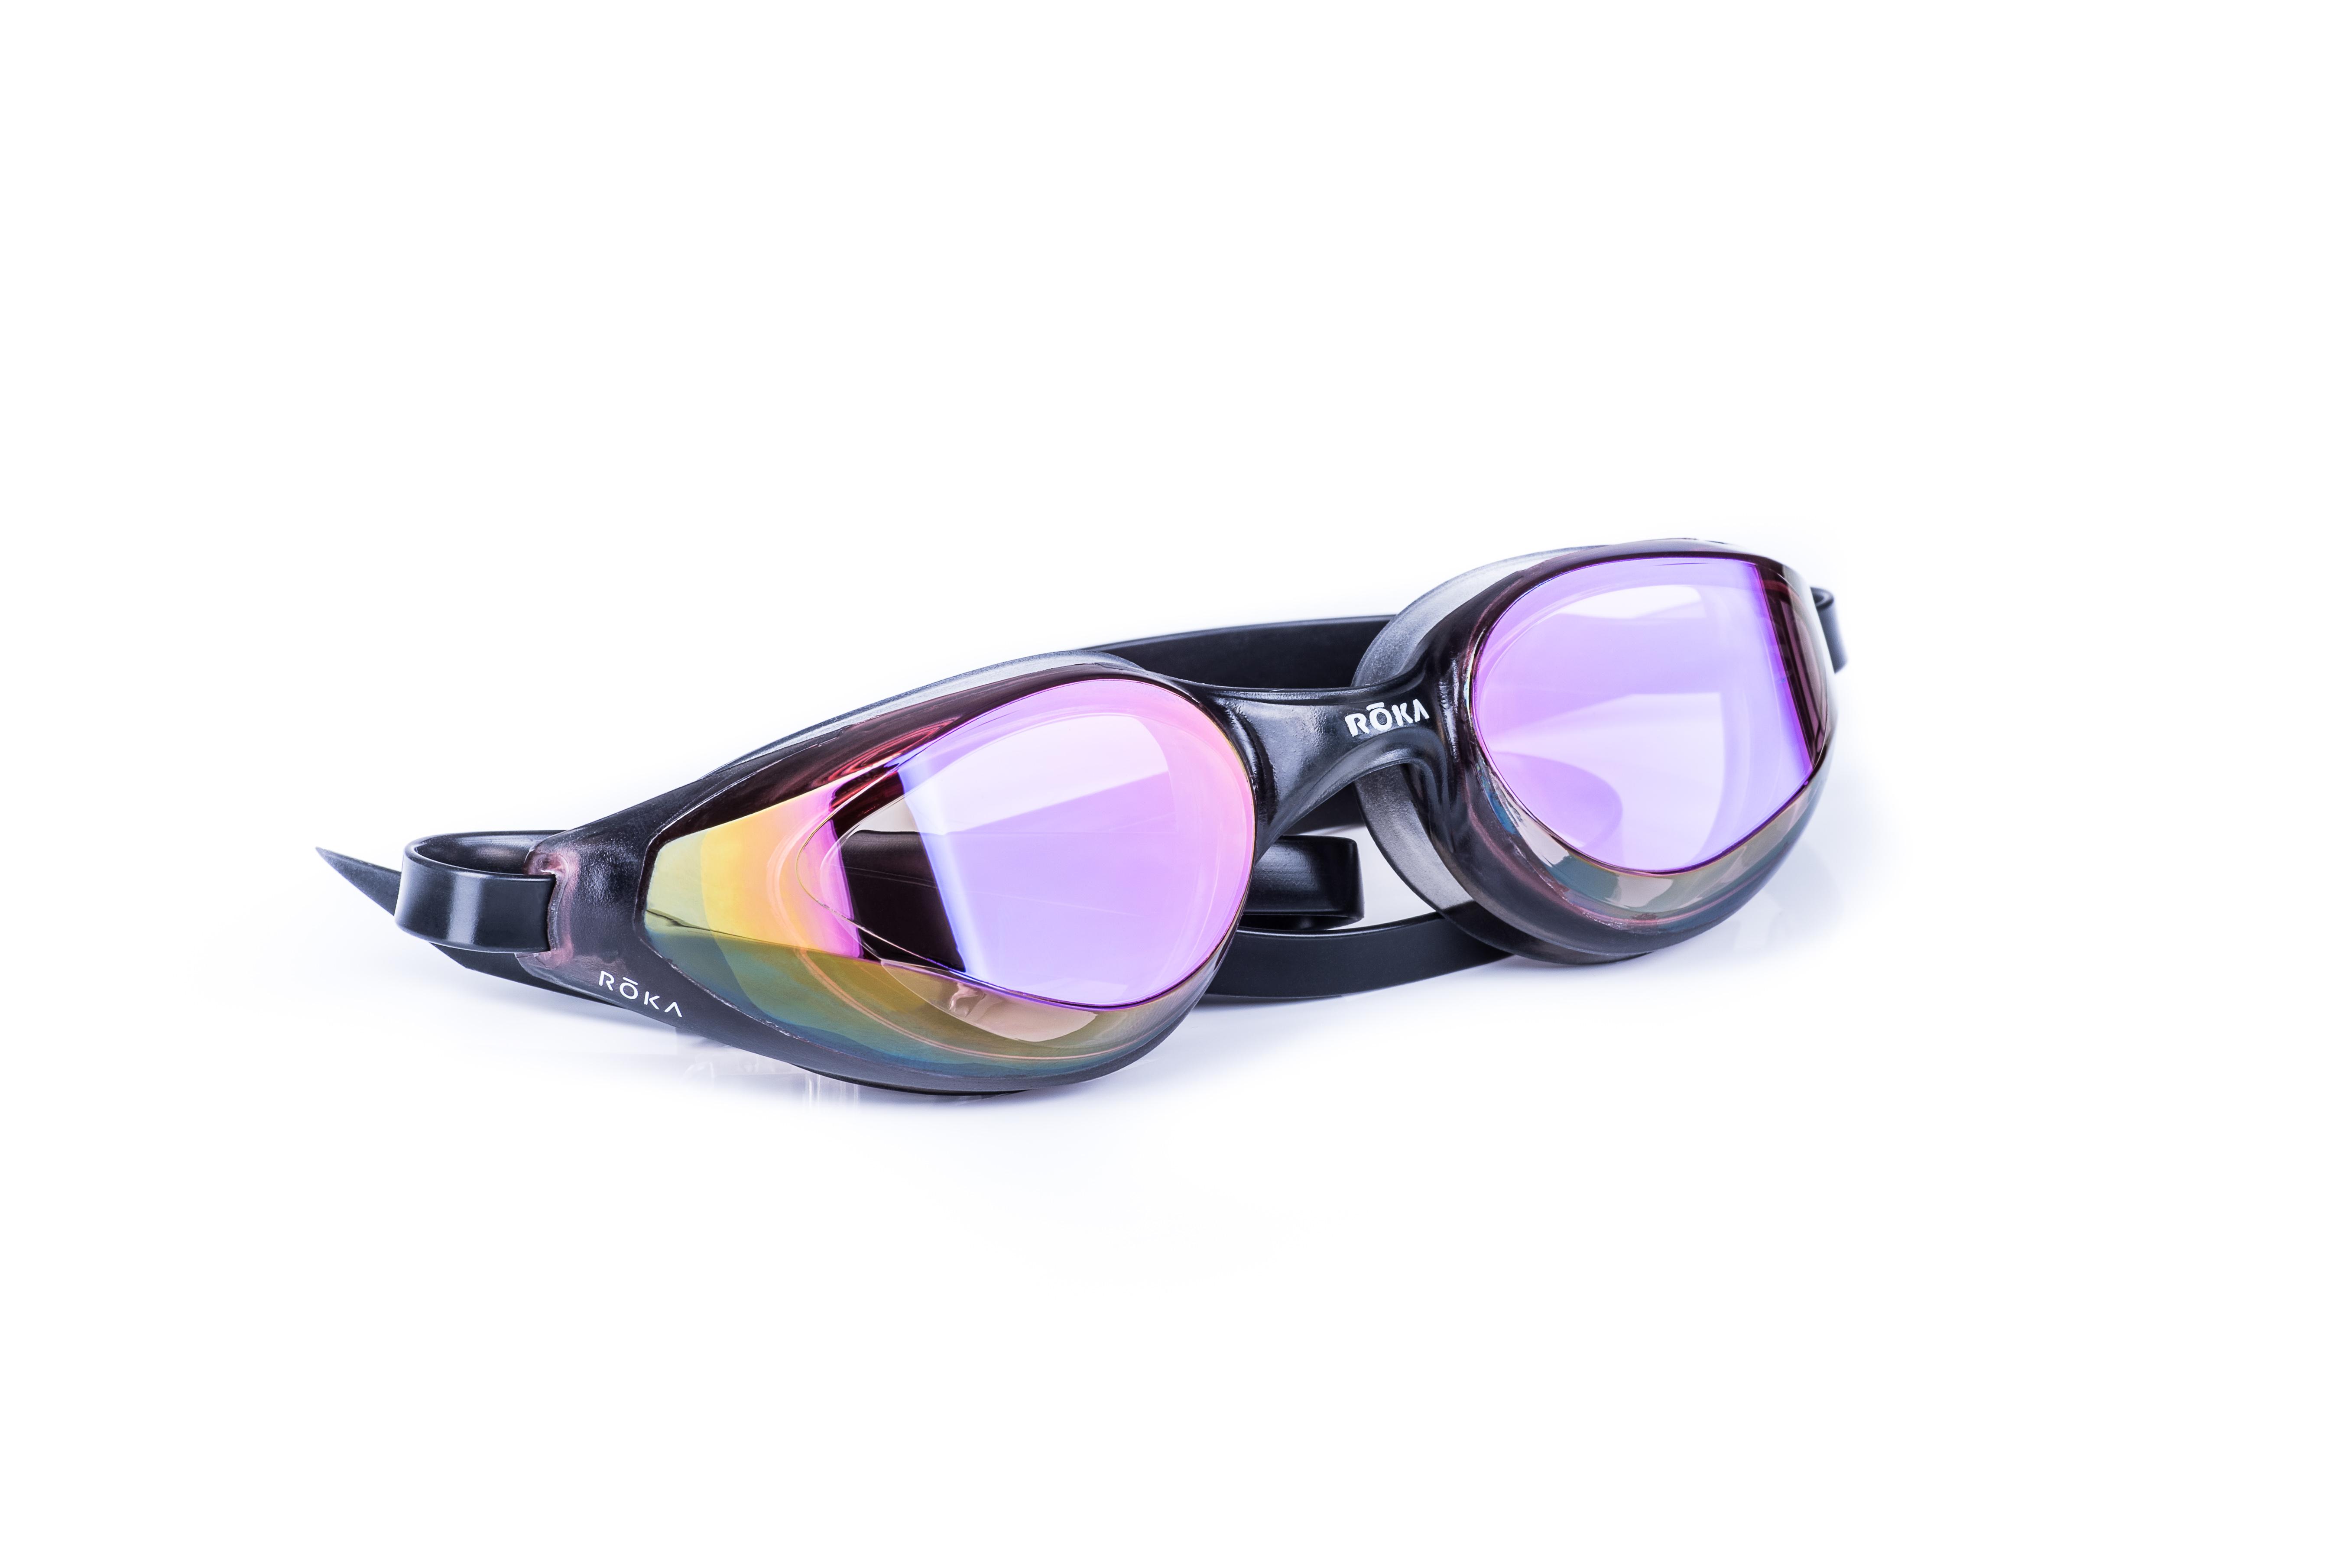 R1 Goggle on white - horizontal